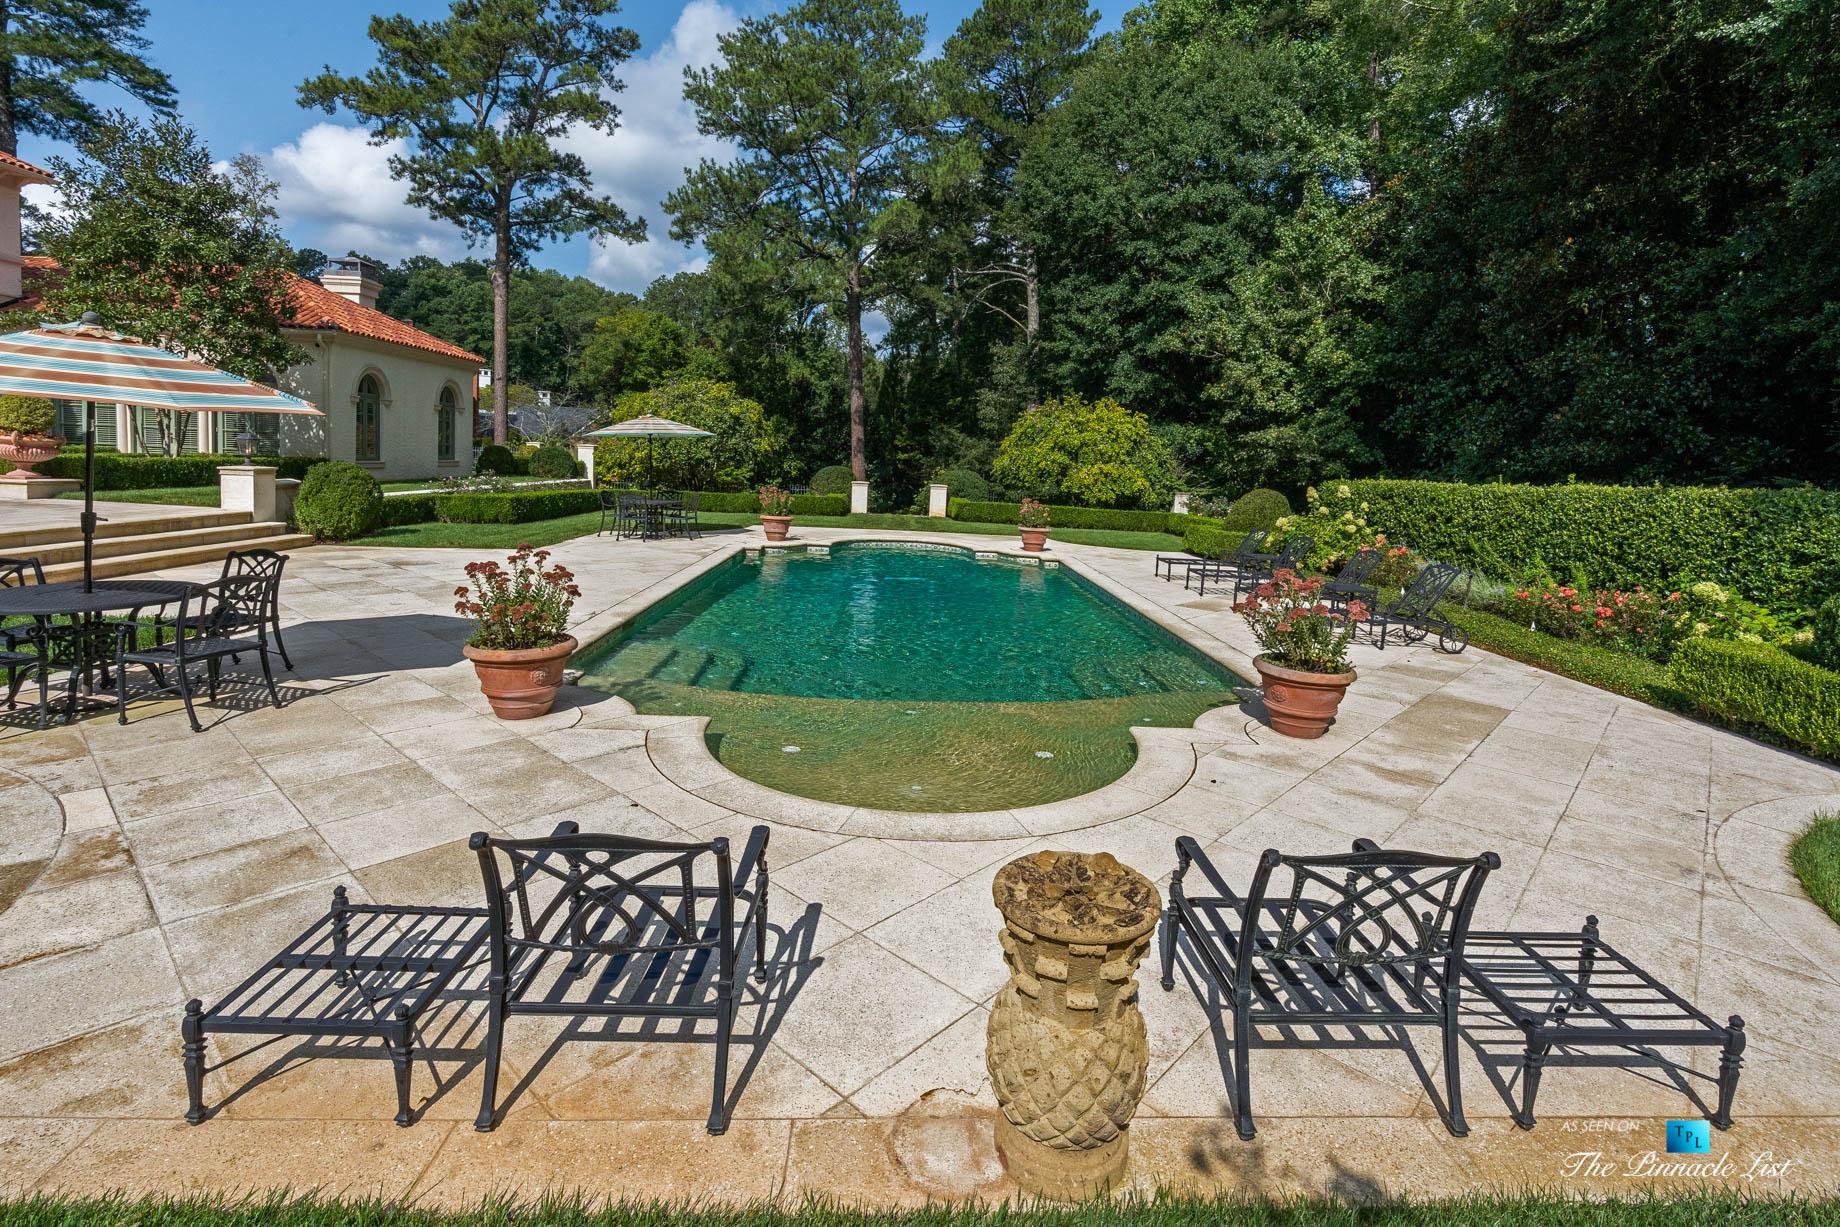 439 Blackland Rd NW, Atlanta, GA, USA – Luxurious Property Pool – Luxury Real Estate – Tuxedo Park Mediterranean Mansion Home